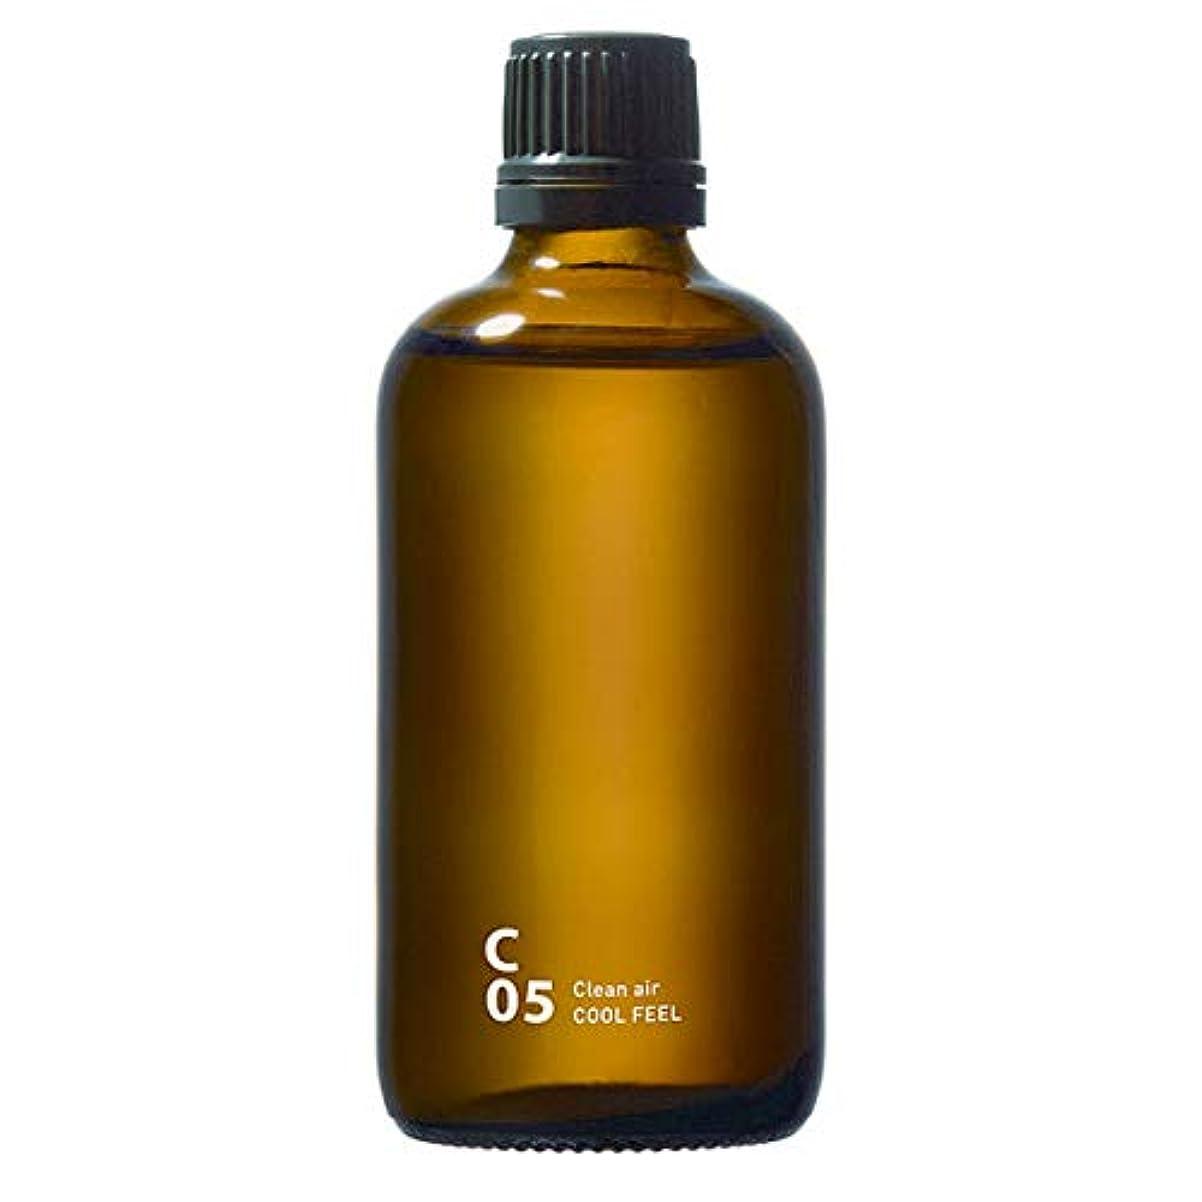 スケルトンストラトフォードオンエイボンはさみC05 COOL FEEL piezo aroma oil 100ml